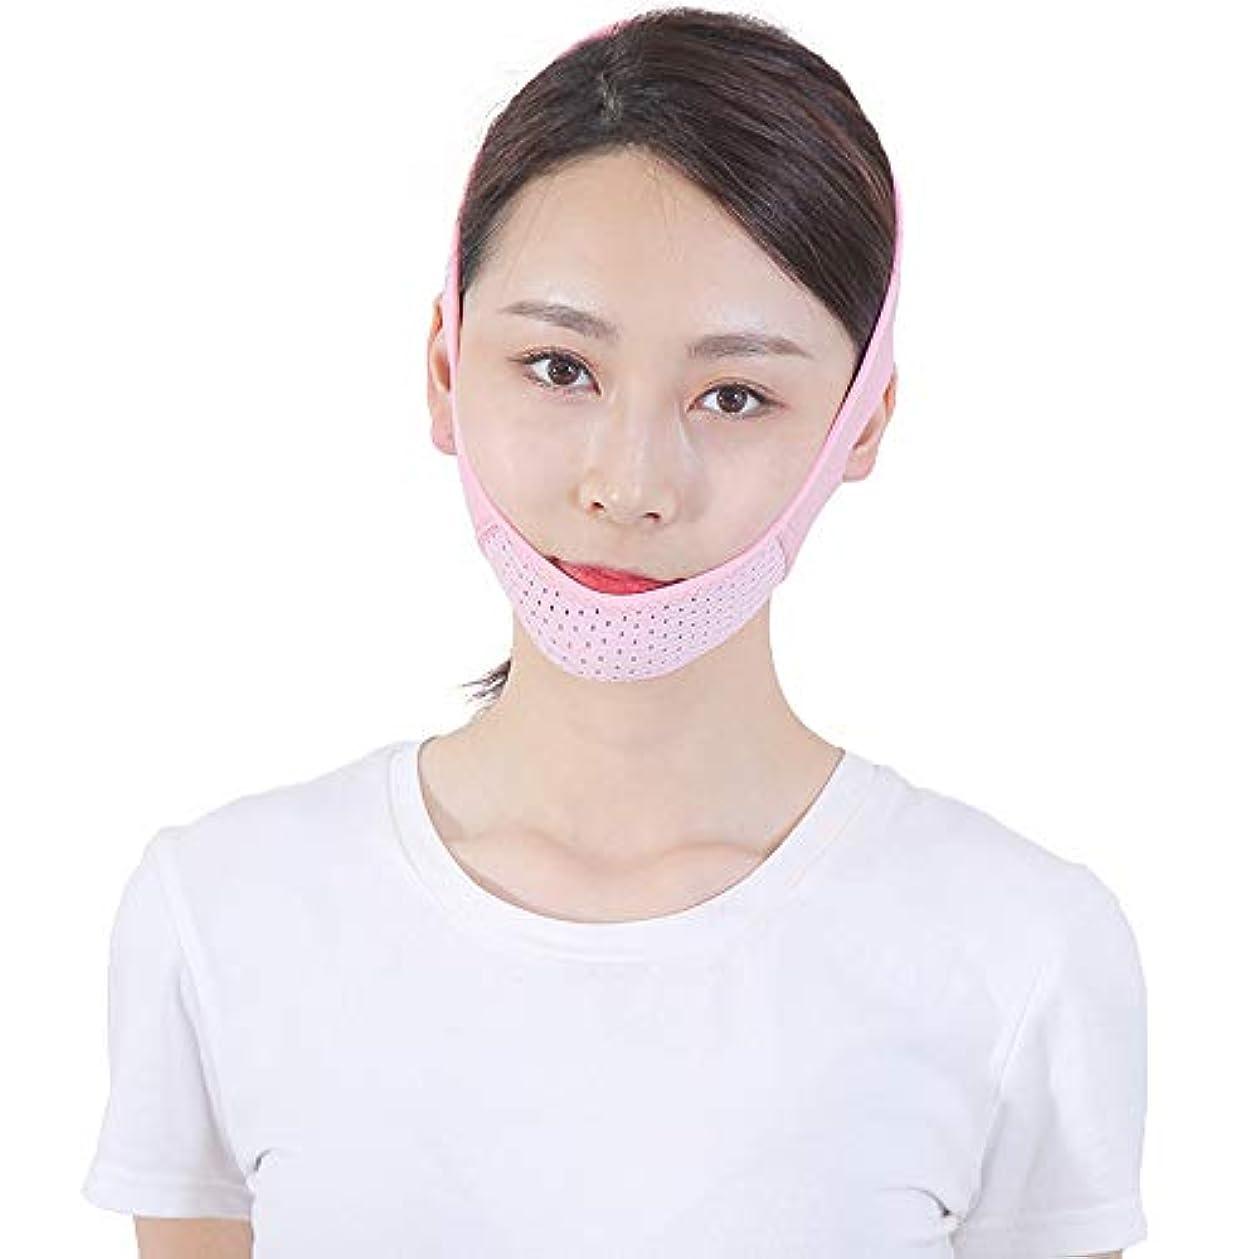 ティームポジティブルートGYZ フェイシャルリフティング痩身ベルトフェイススリムゲットダブルチンアンチエイジングリンクルフェイスバンデージマスクシェイピングマスク顔を引き締めるダブルチンワークアウト Thin Face Belt